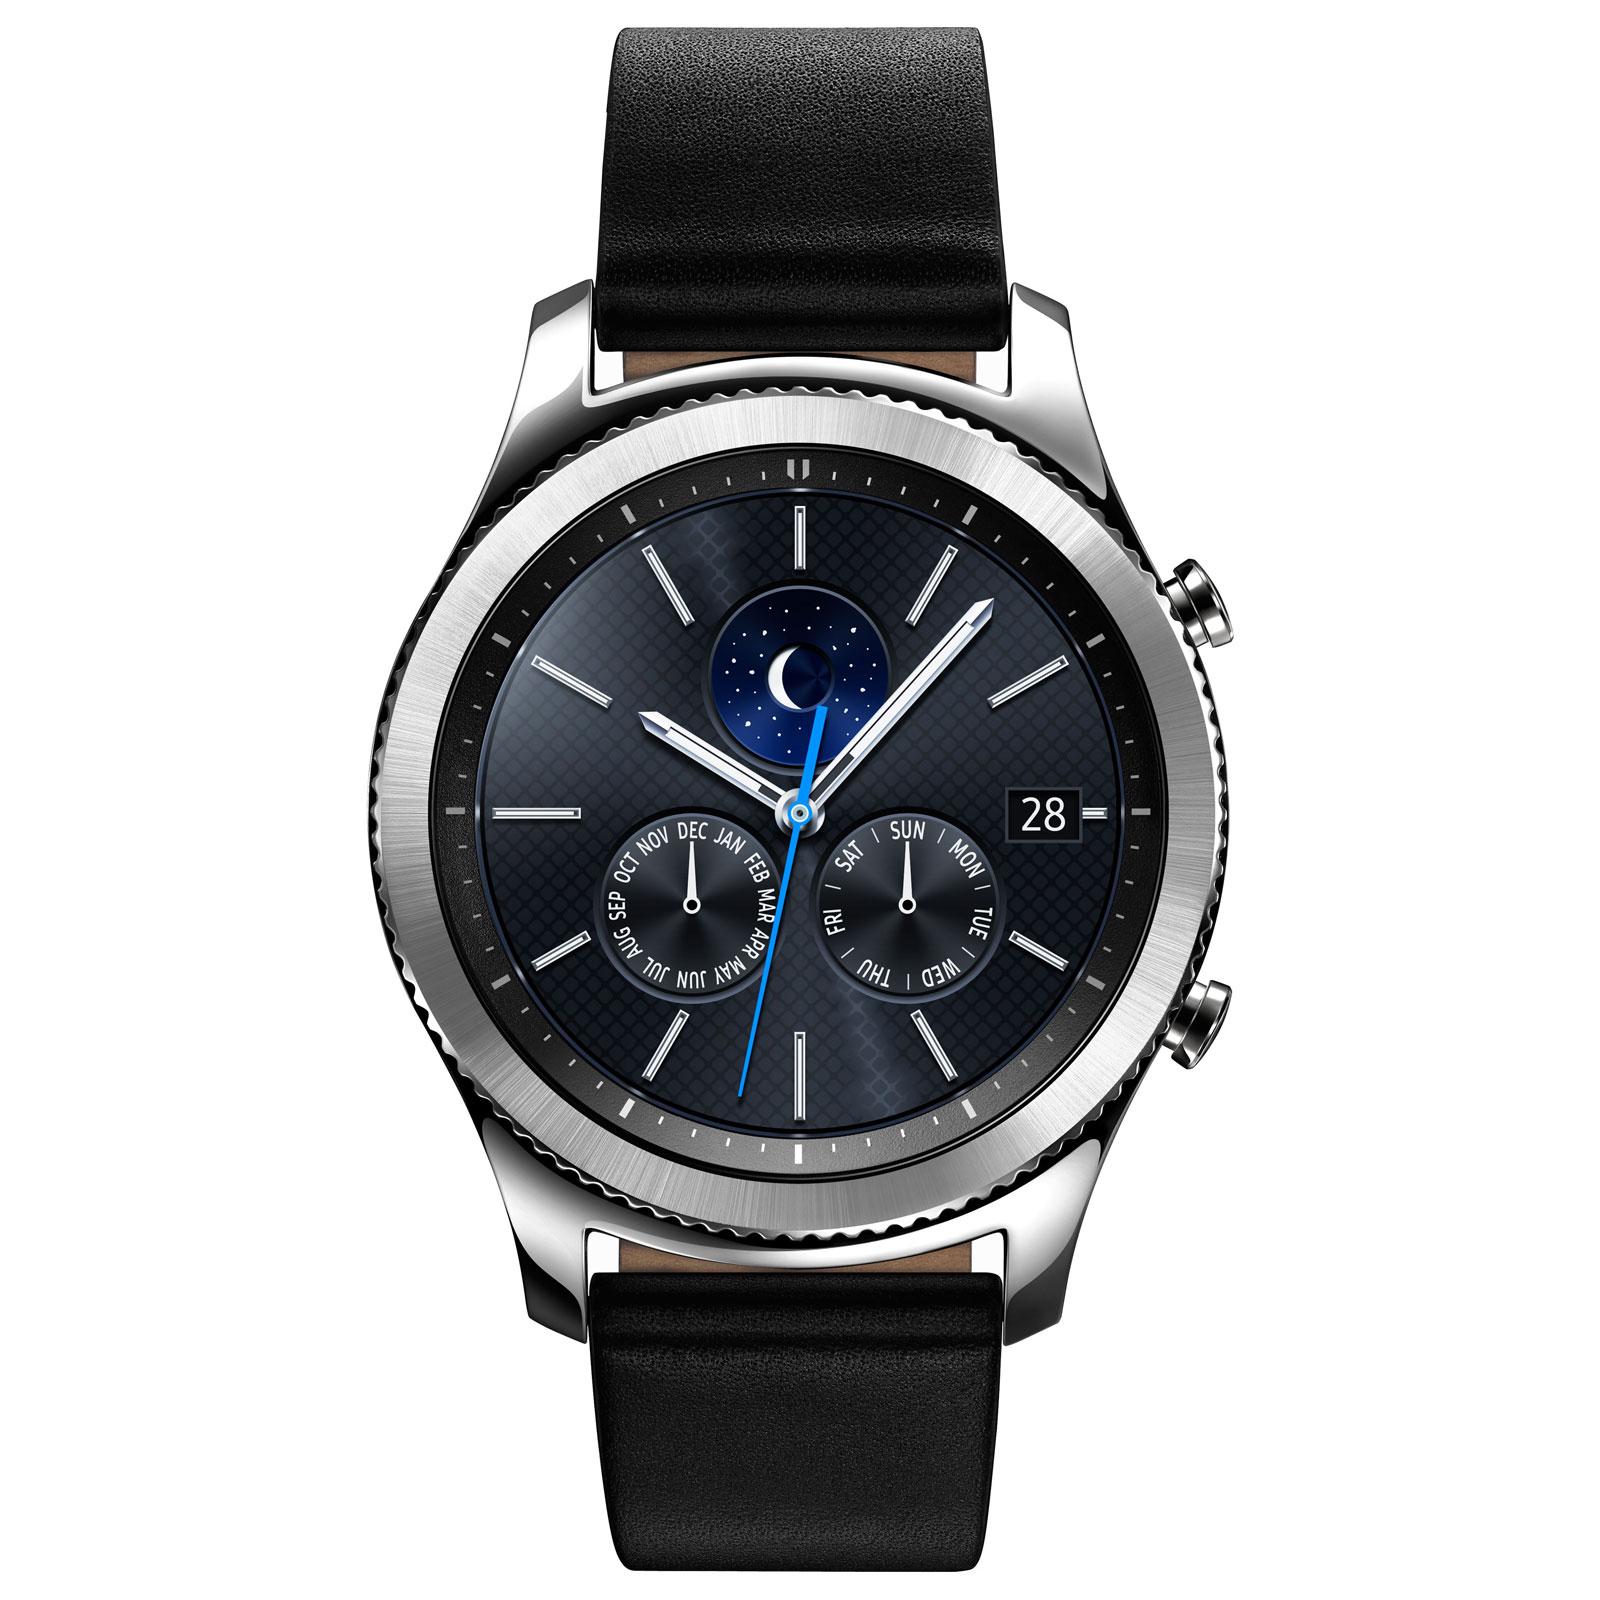 Samsung Gear S3 Classic (SM-R770NZSAXEF) - Achat / Vente Objet connecté / Domotique sur Cybertek.fr - 3